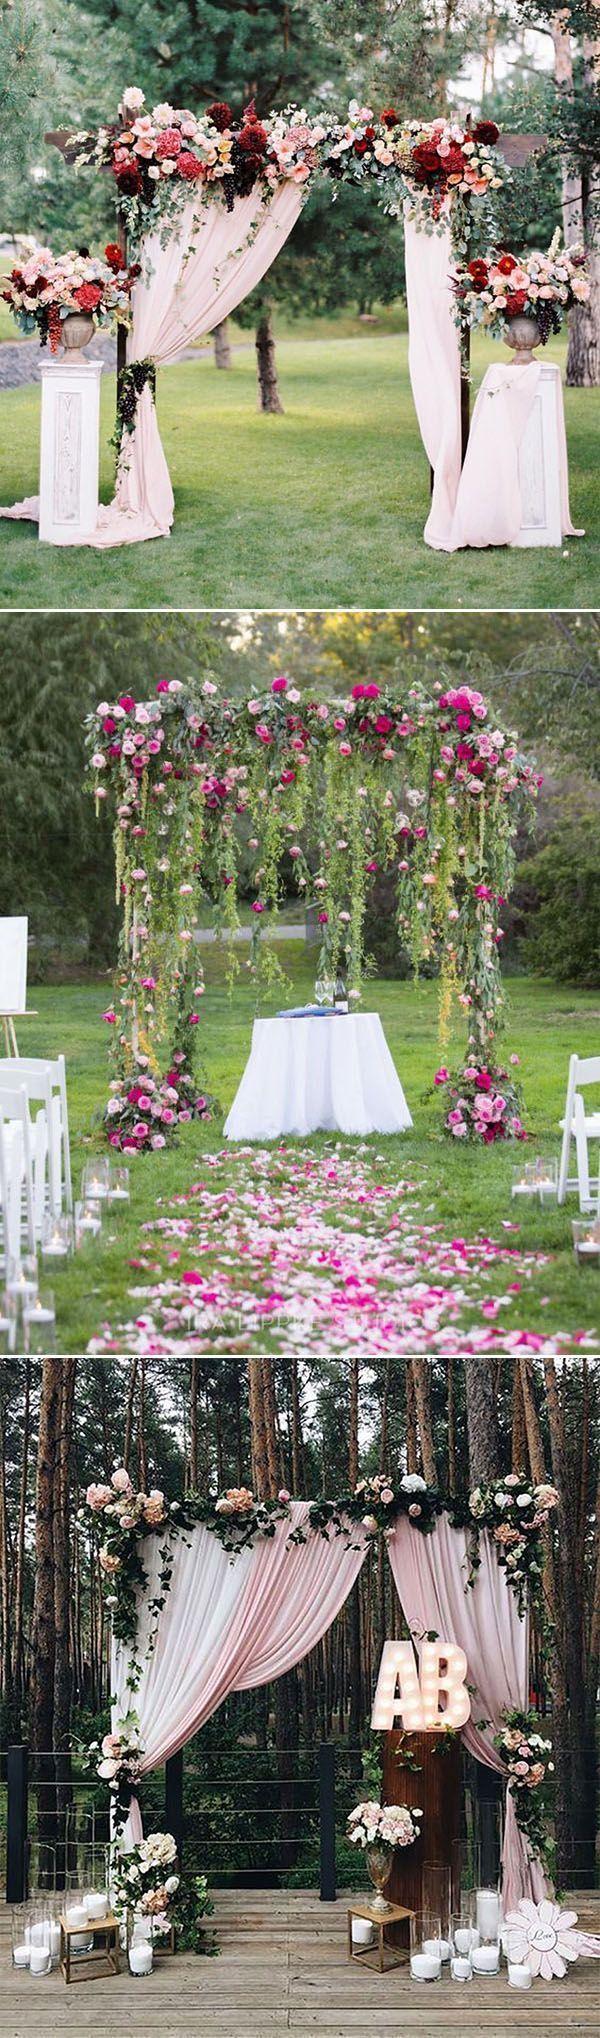 Hochzeitsdekoration 15 besten Fotos   – Hochzeitskleider – wedding dresses